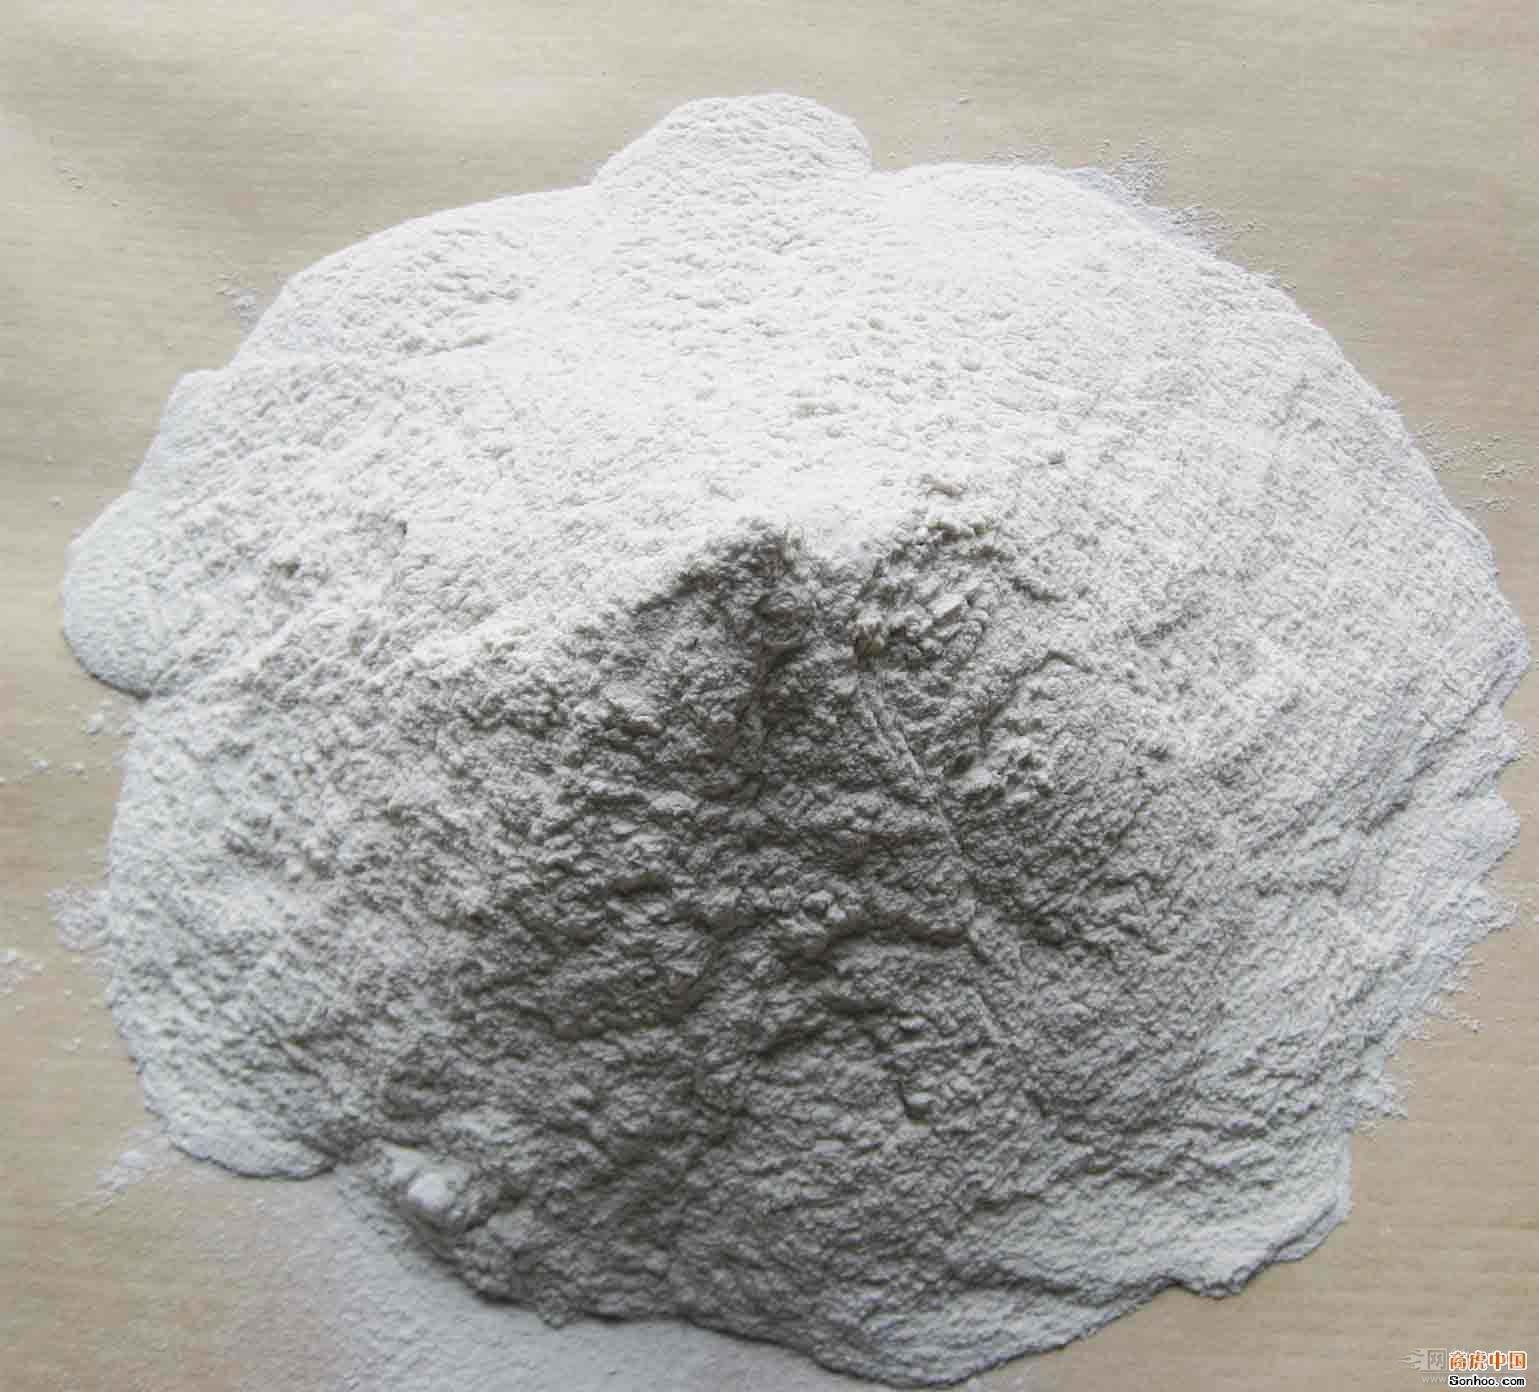 Wholesale Waterproof Chemical - Buy Reliable Waterproof Chemical